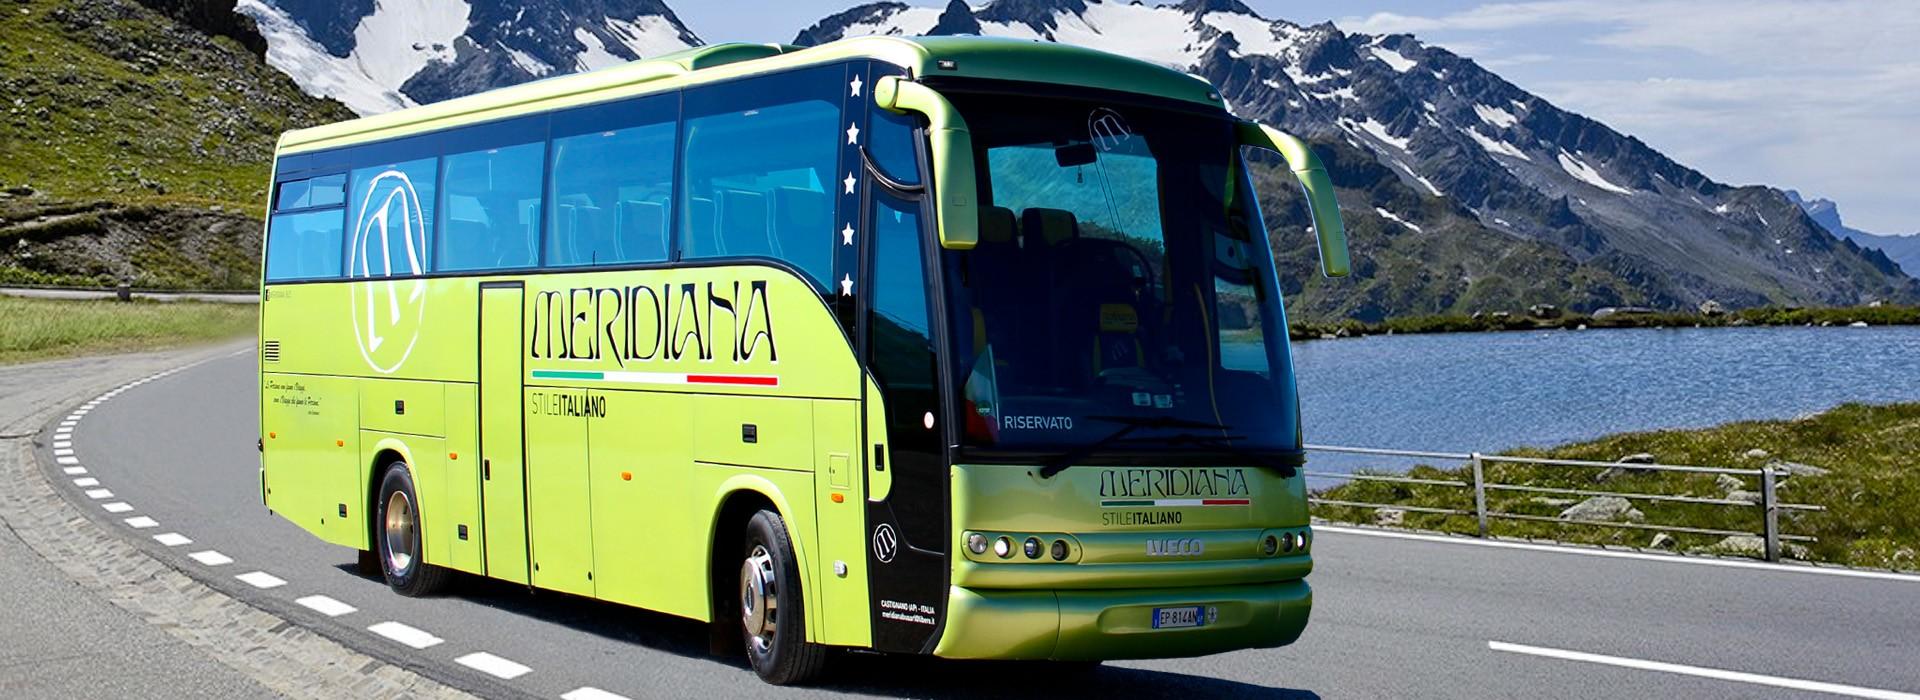 Trasfer privati e tour in autobus